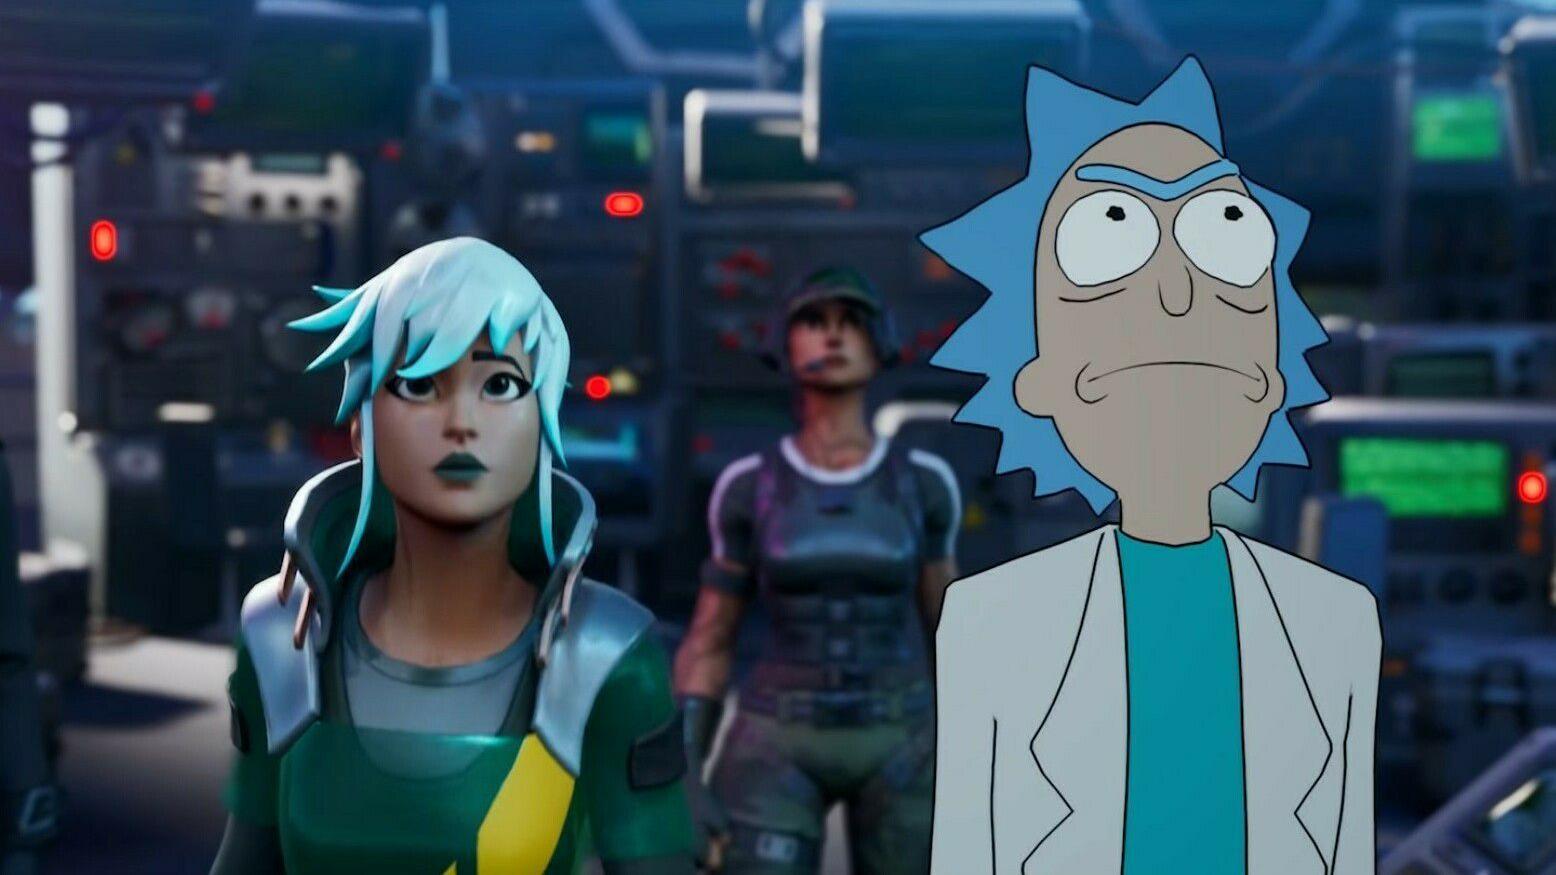 Fortnite møter Rick and Morty i skytespillets nyeste sesong